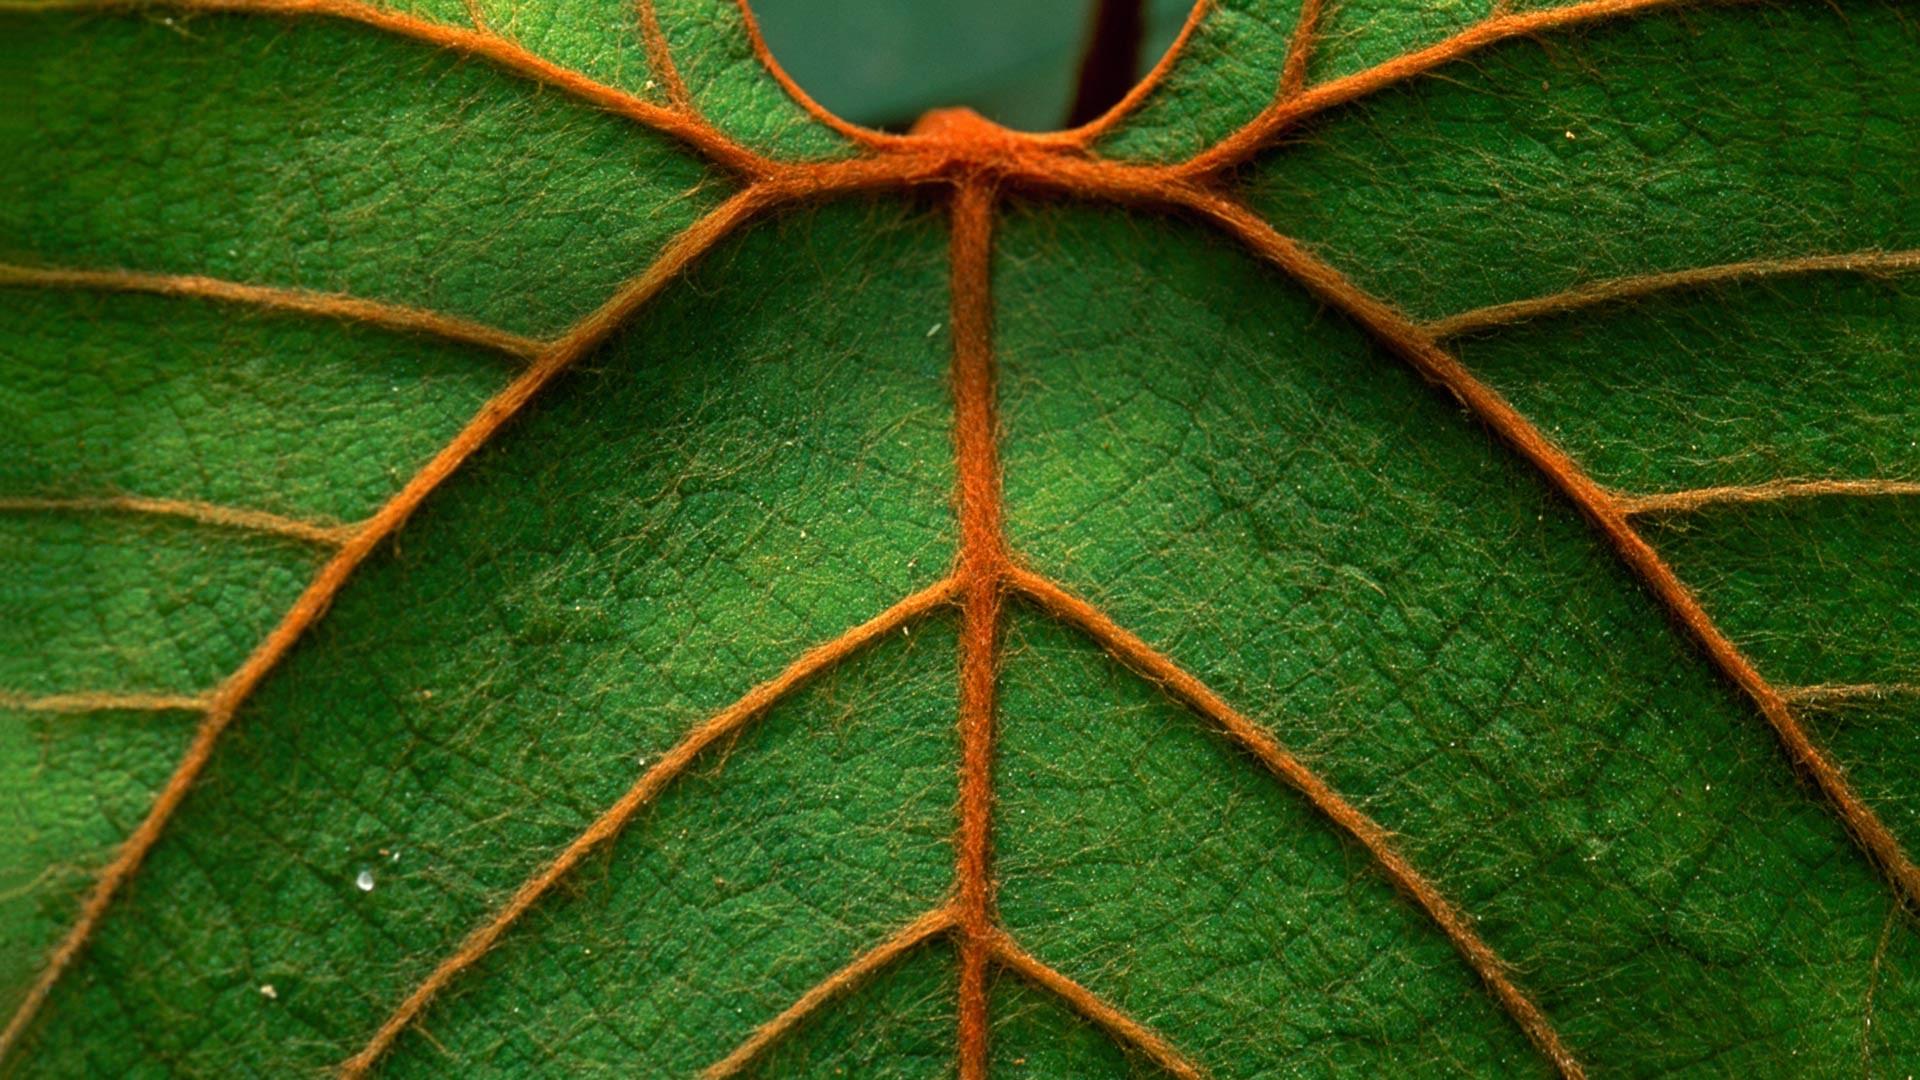 как показывает макро фото сечение листа дерева проектирования пространств вторым